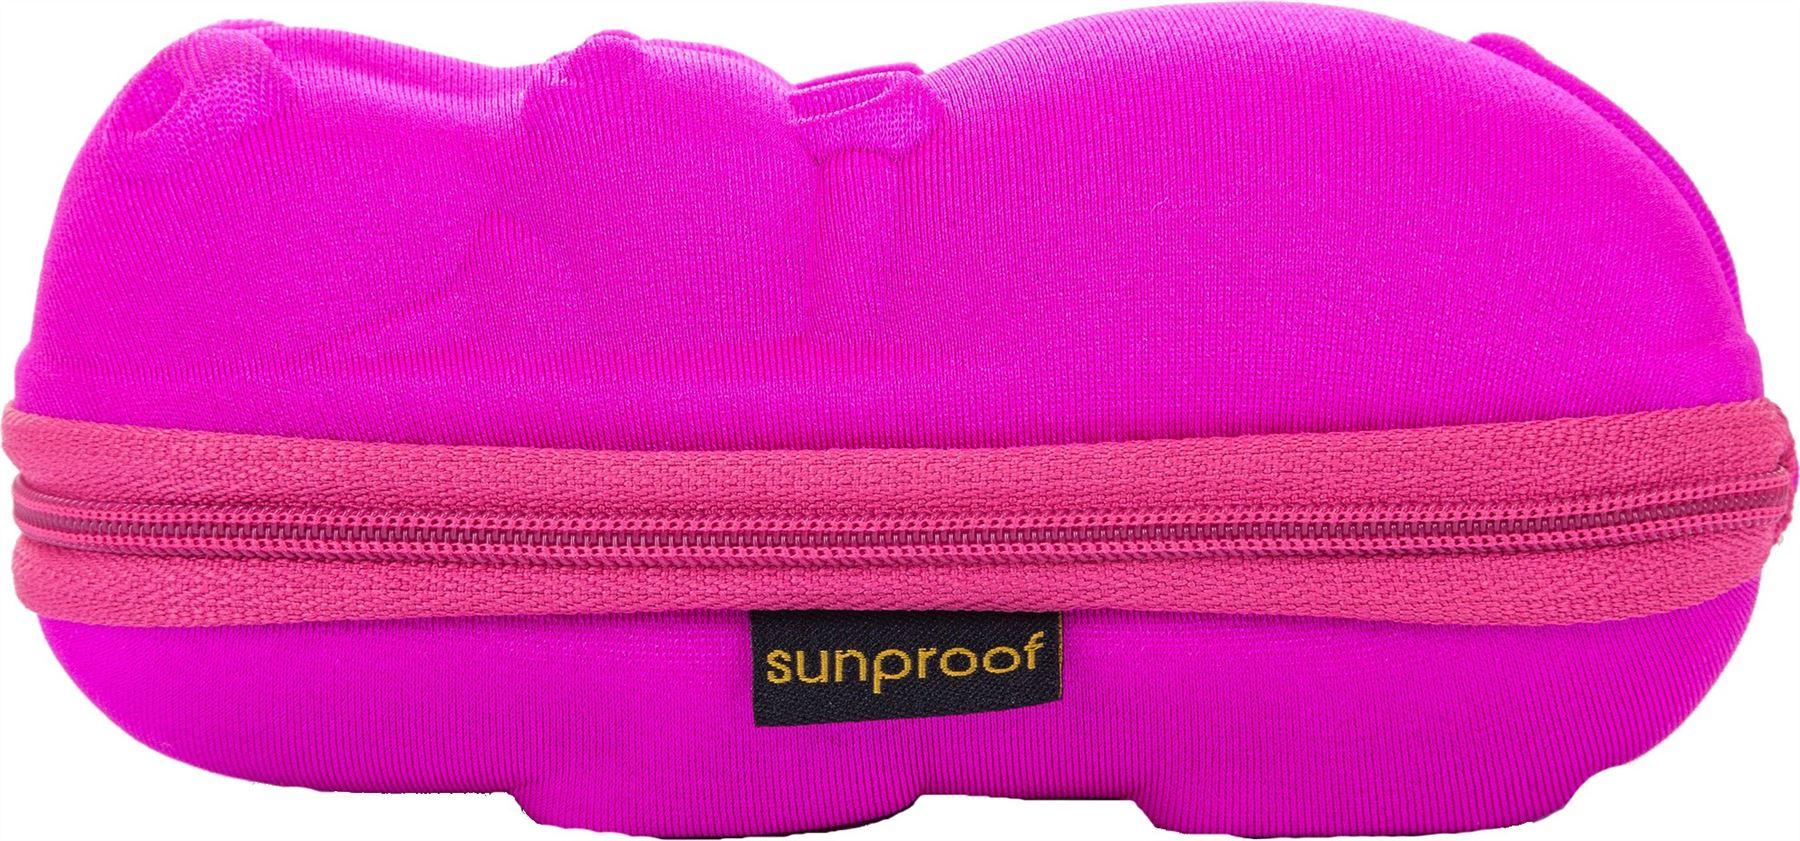 Sunproof-FUNDA-Gafas-de-Sol-Proteccion-Sol-Playa-Nuevo miniatura 15